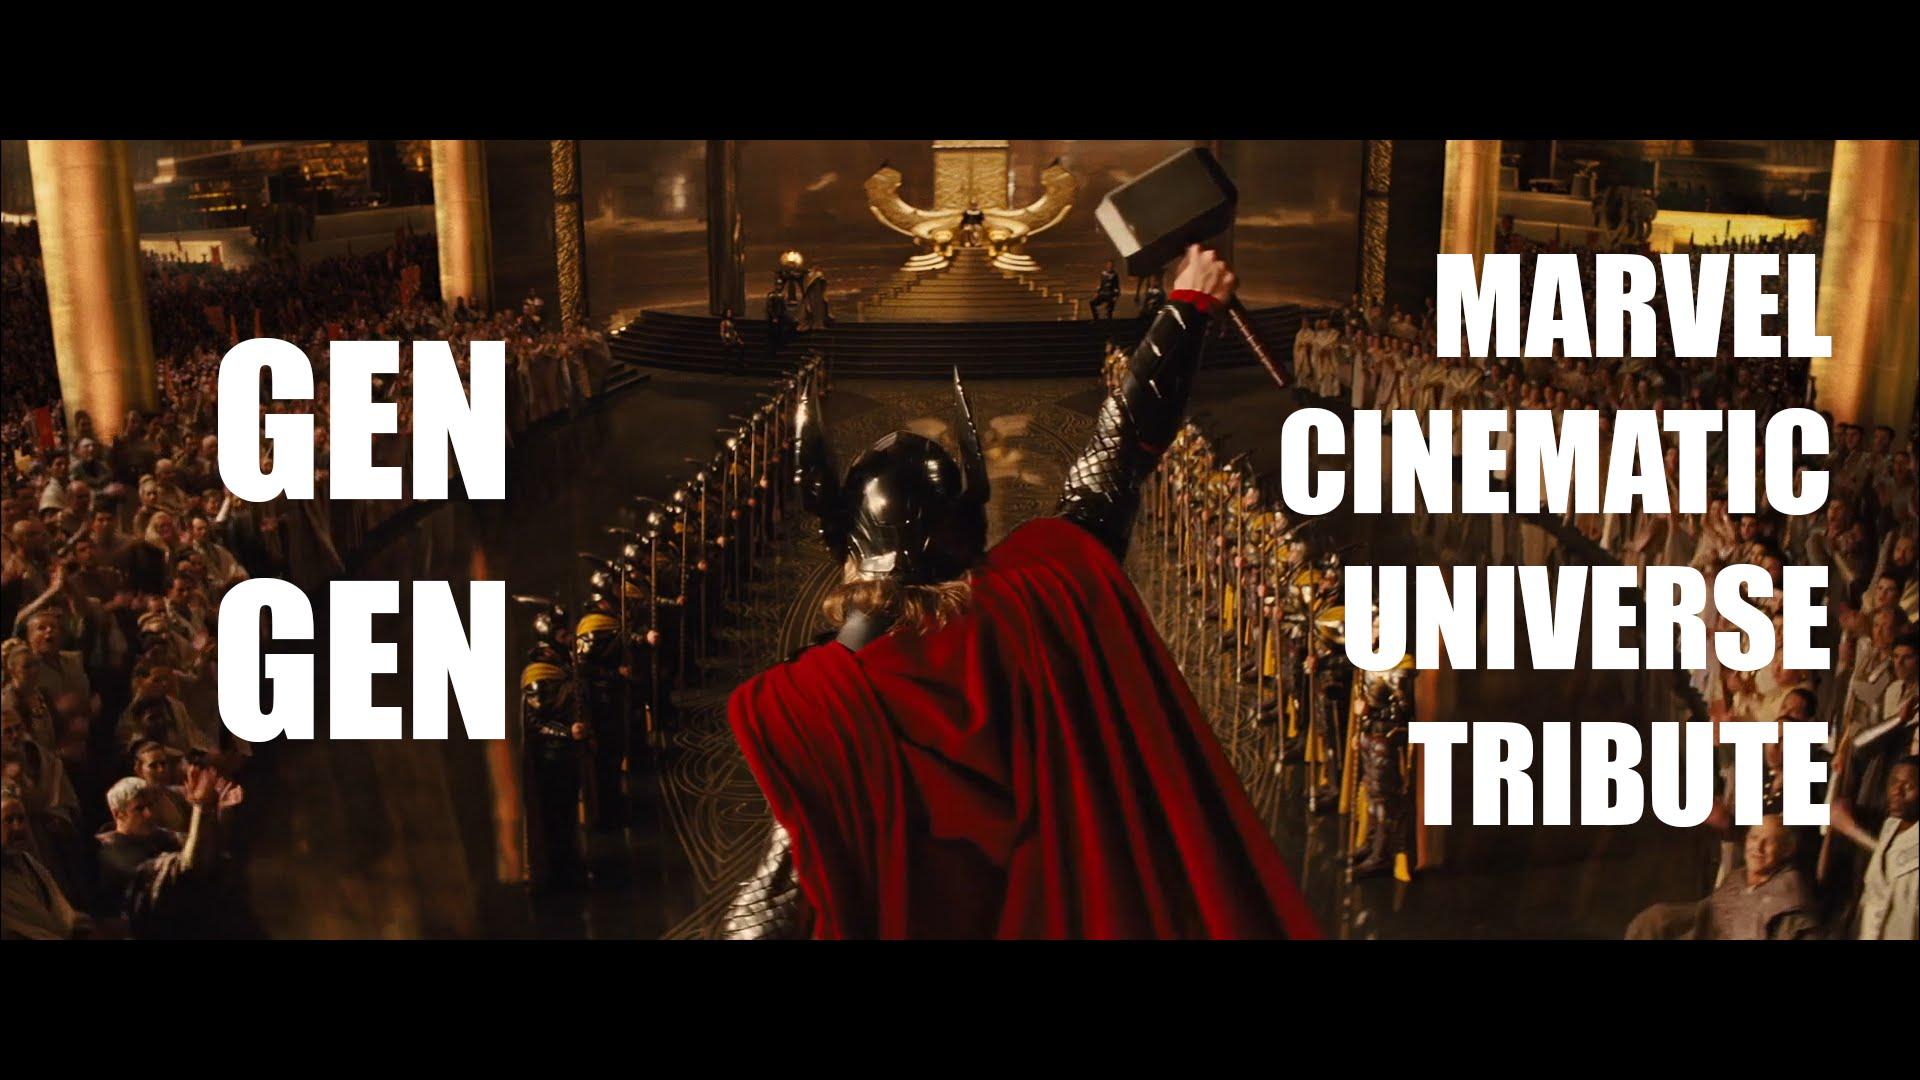 maxresdefault26 Die ruhigeren Momente der Marvel Filme